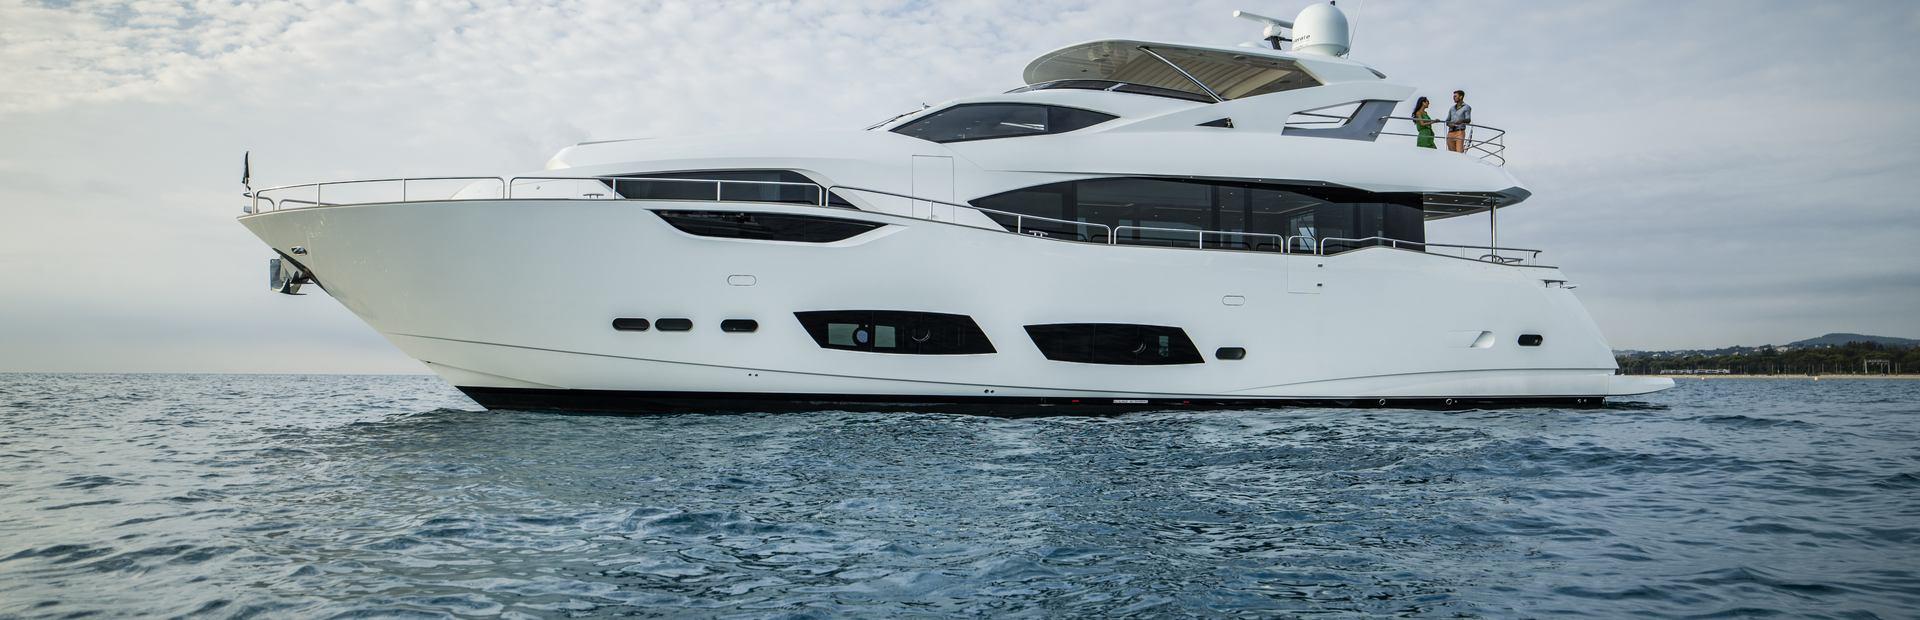 95 Yacht Yacht Charter